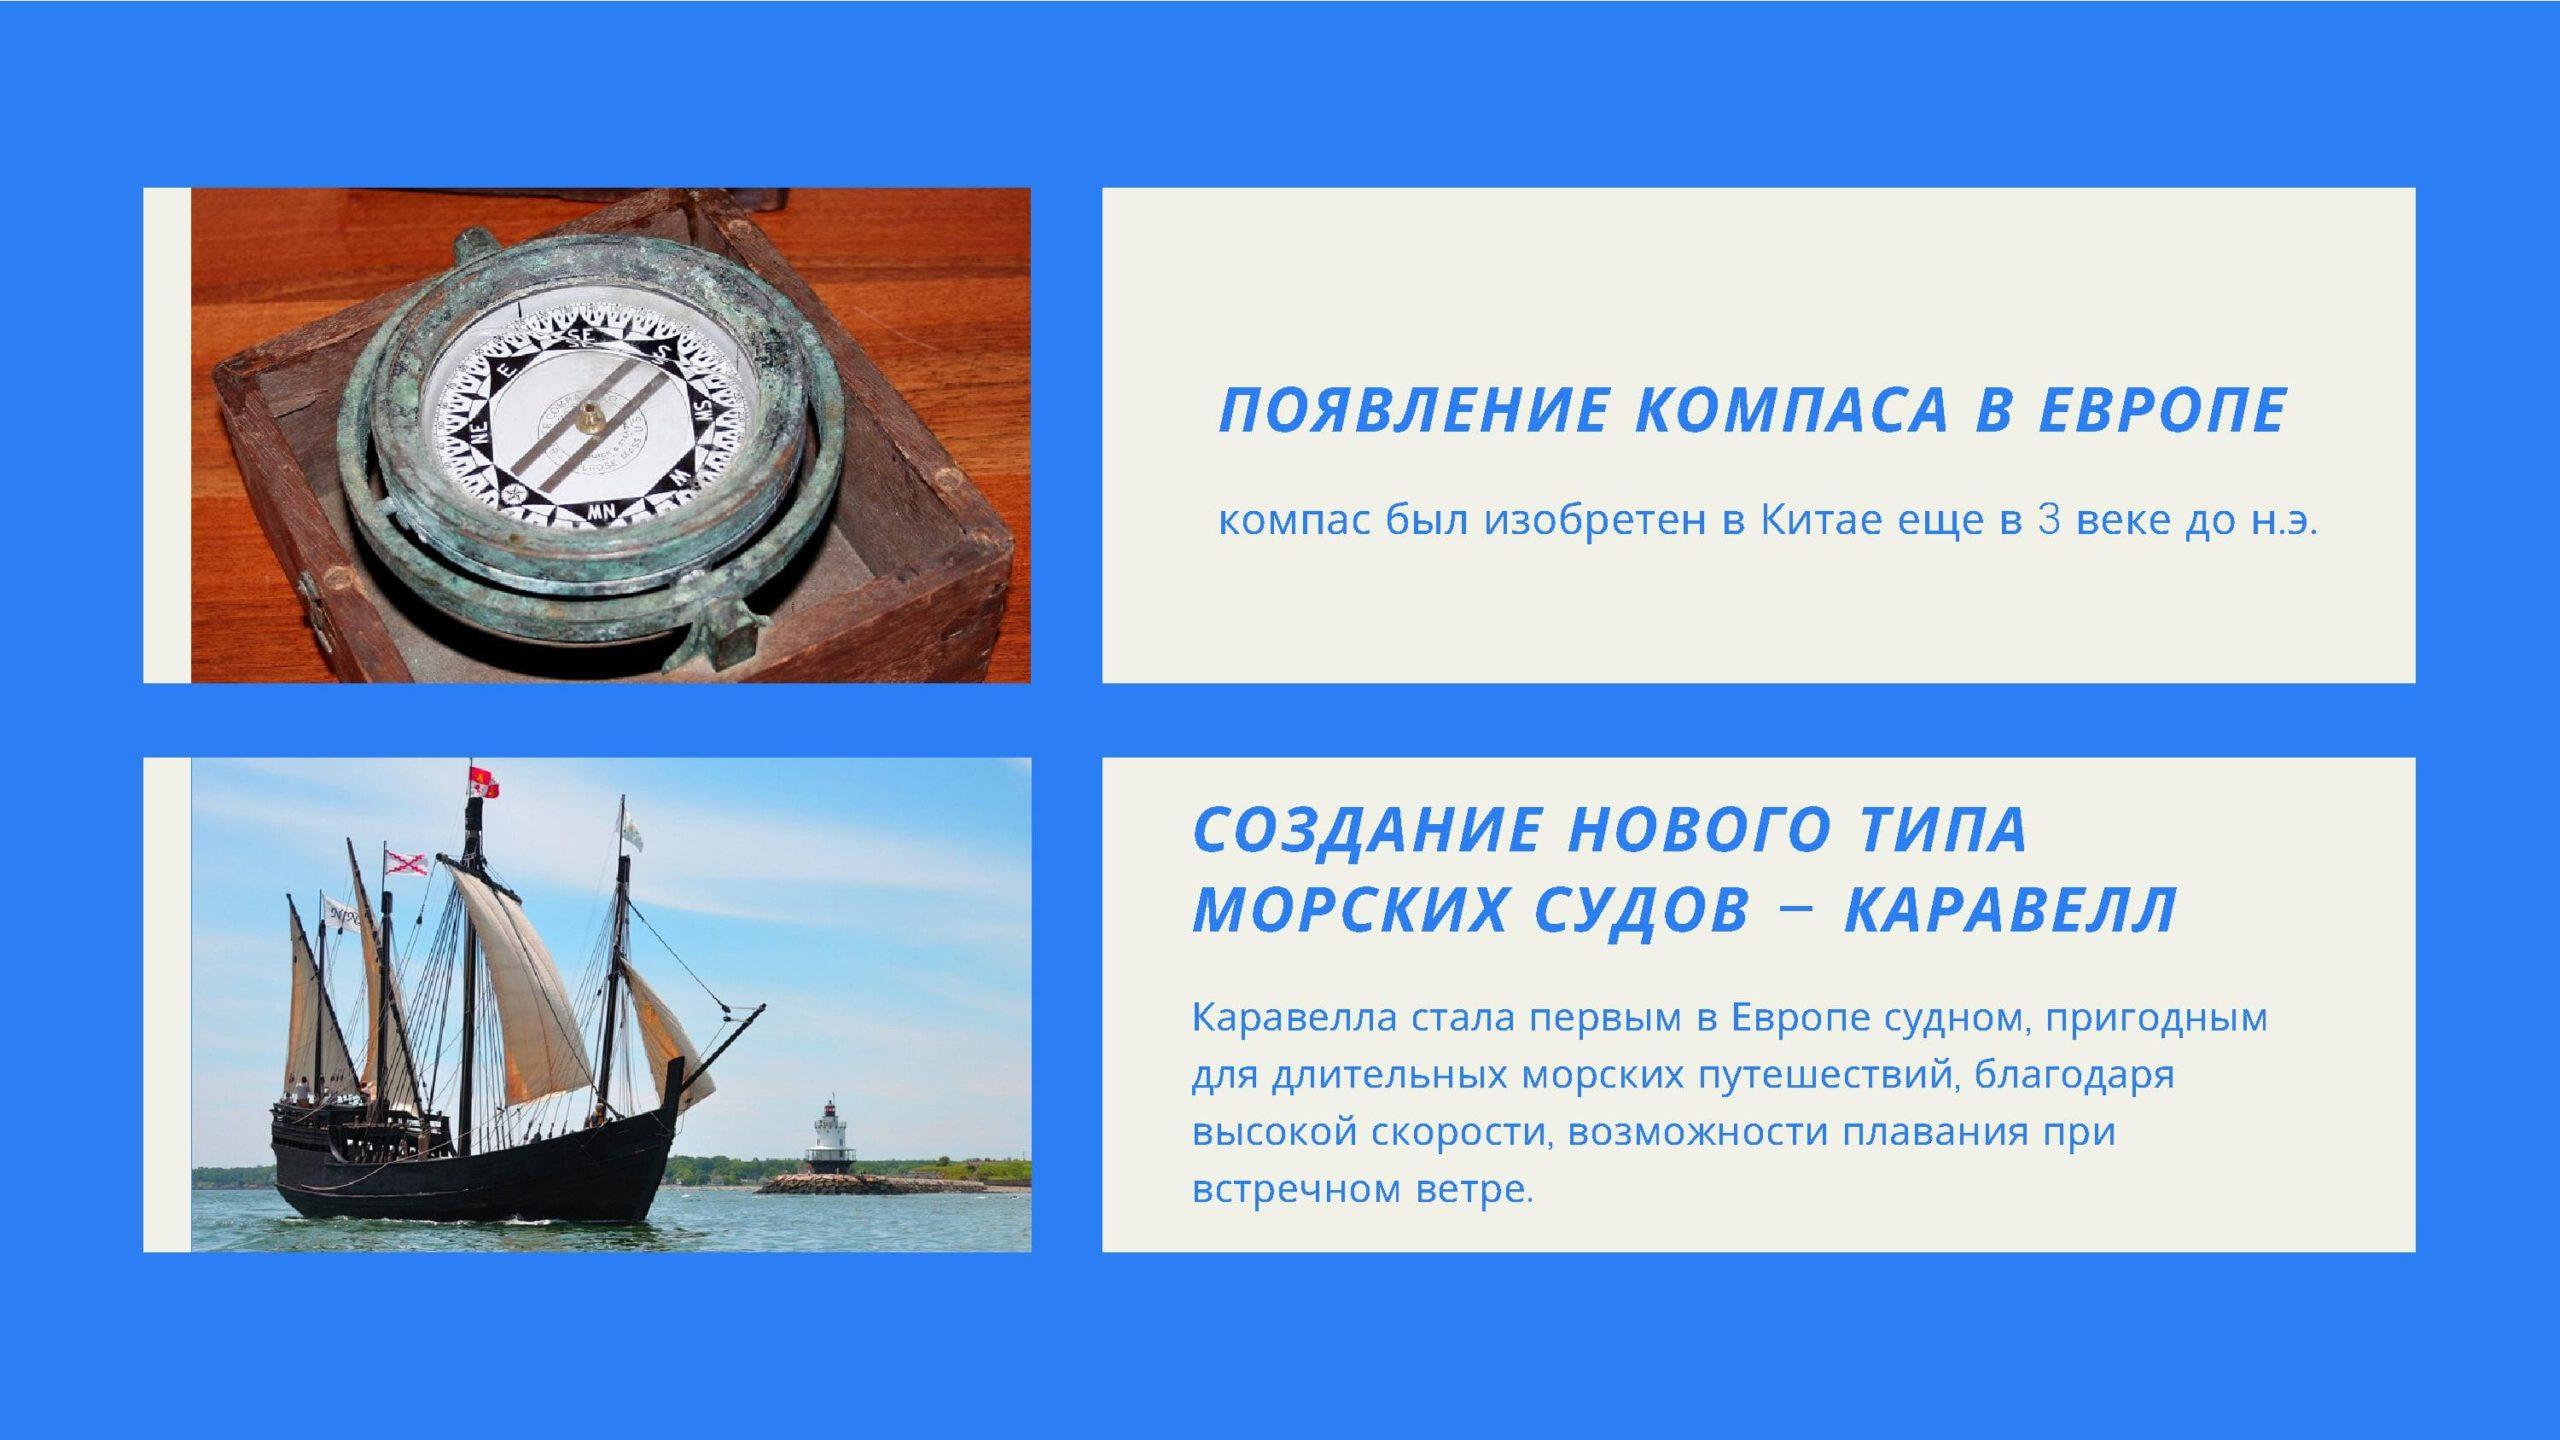 Появление компаса в Европе. Создание нового типа морских судов